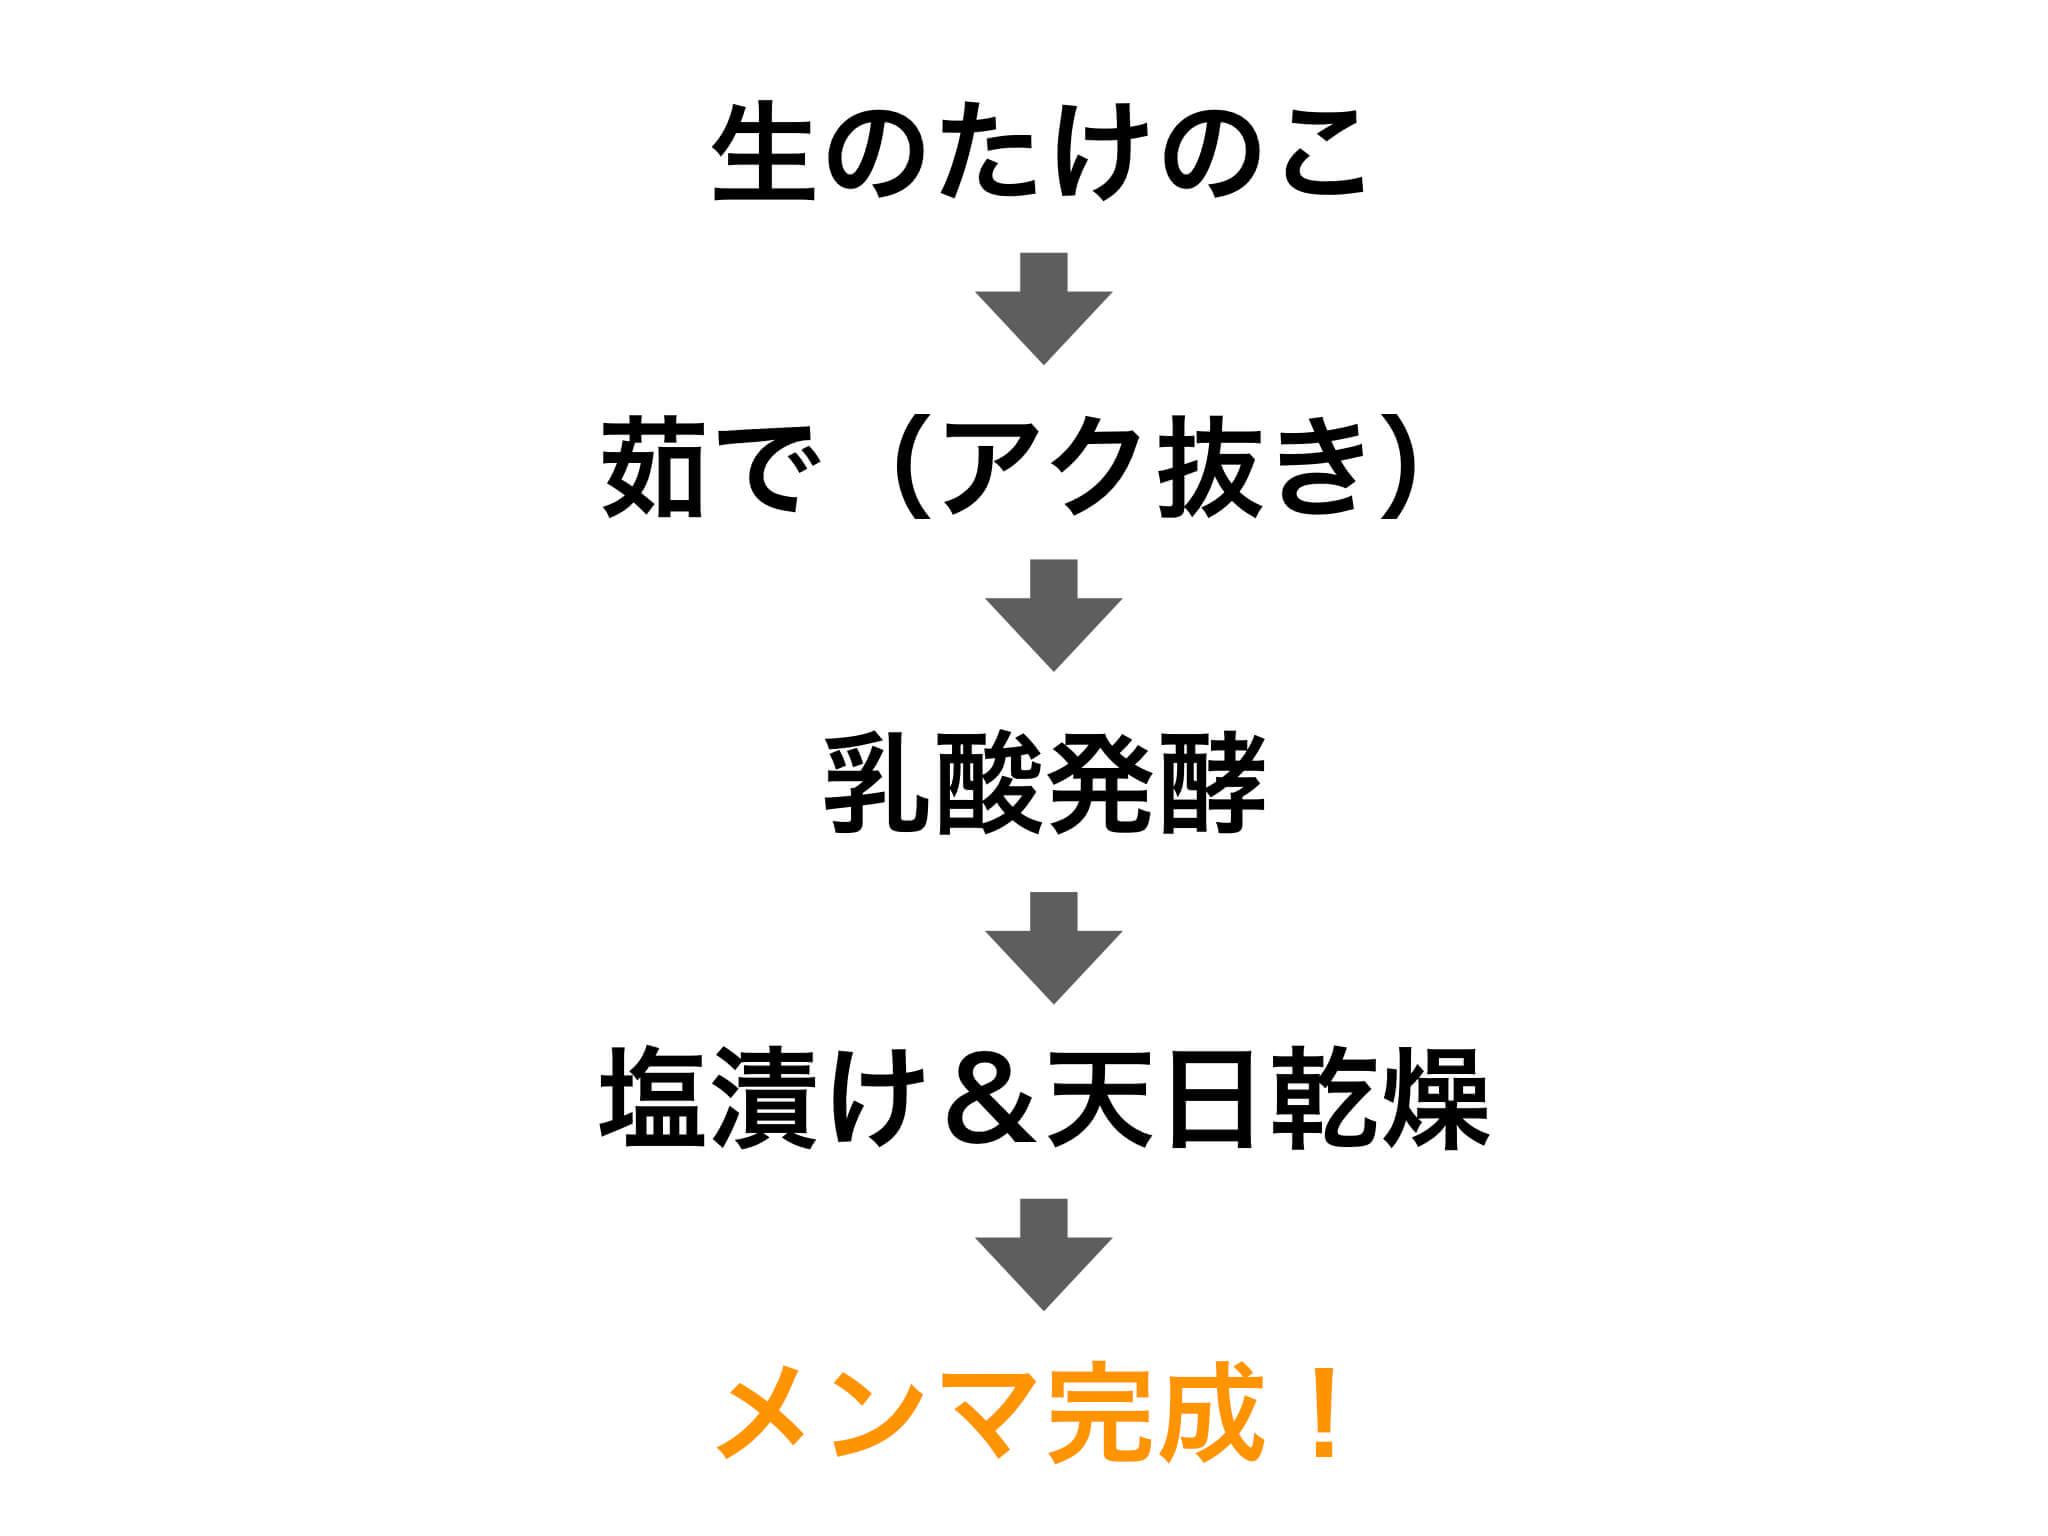 王道のメンマの作り方